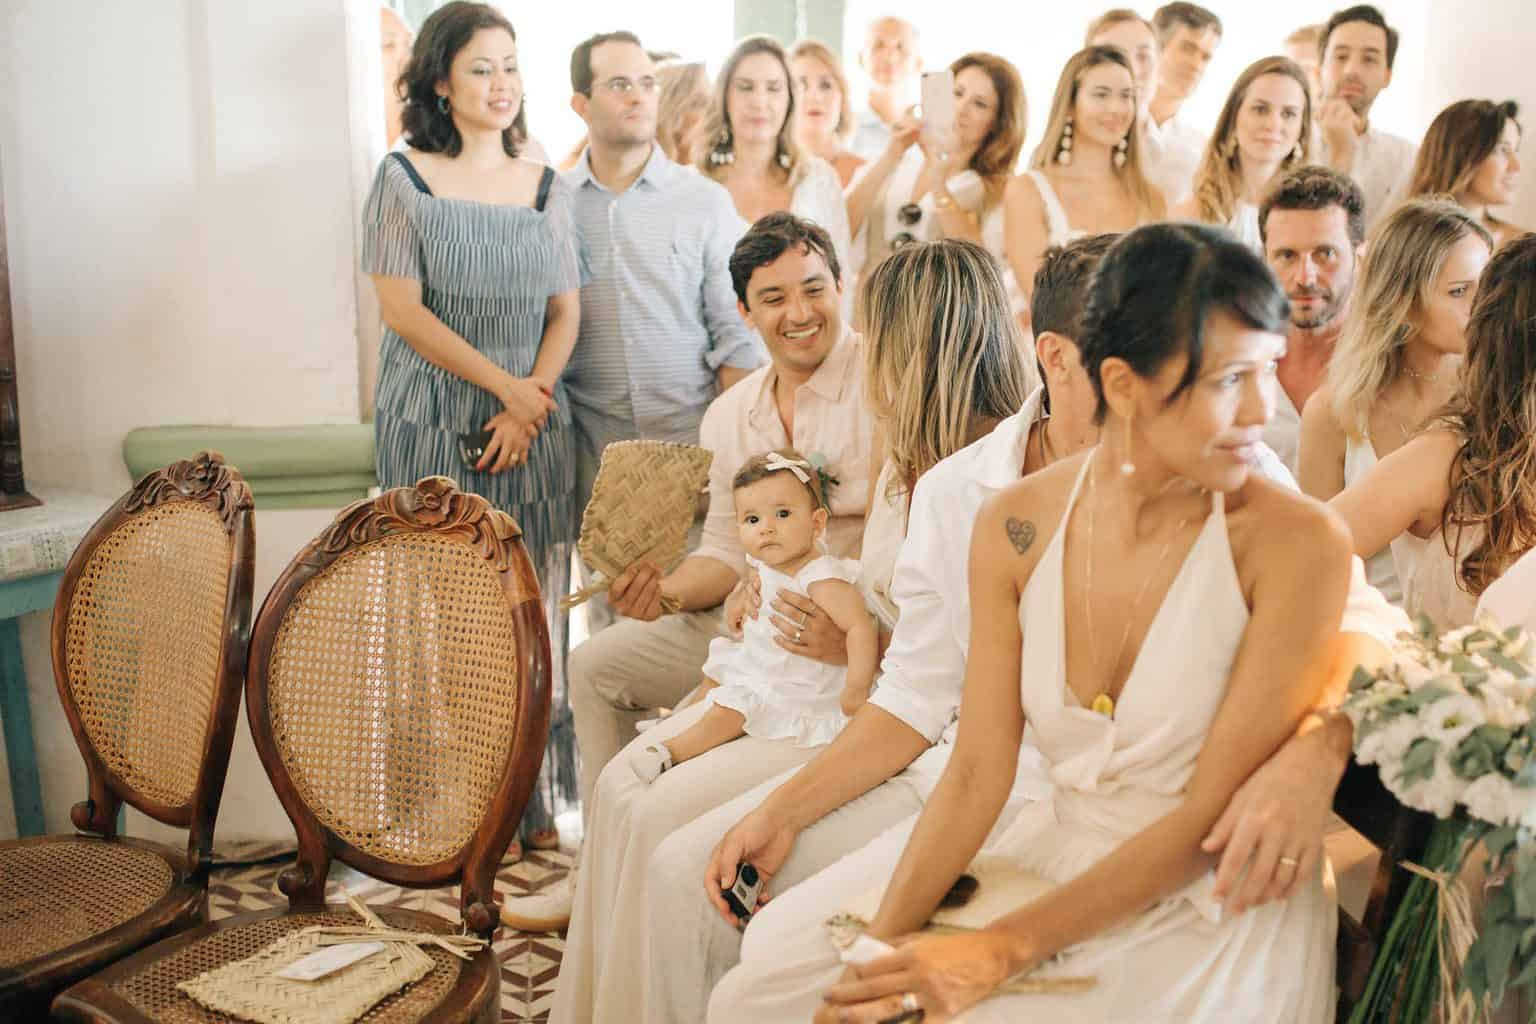 casamento-Danielle-e-Guilherme-aloha-fotografia-caseme-79